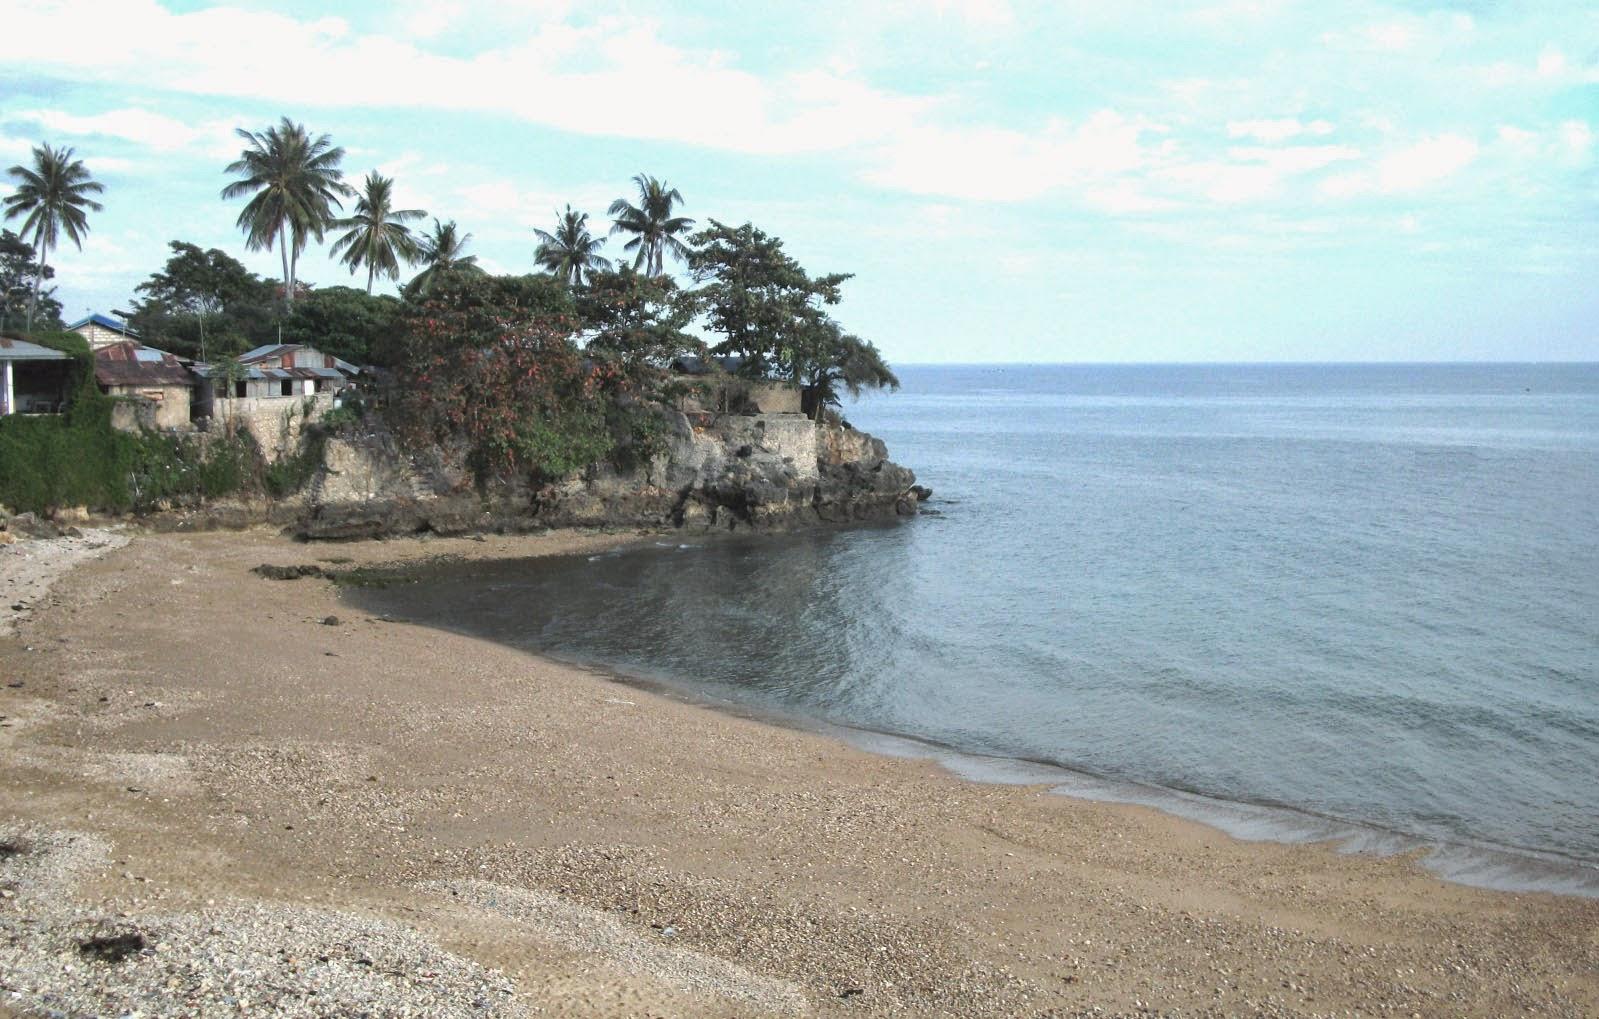 11 Tempat Wisata Kupang Menarik Tempatwisataunik Pantai Pasir Panjang Kab